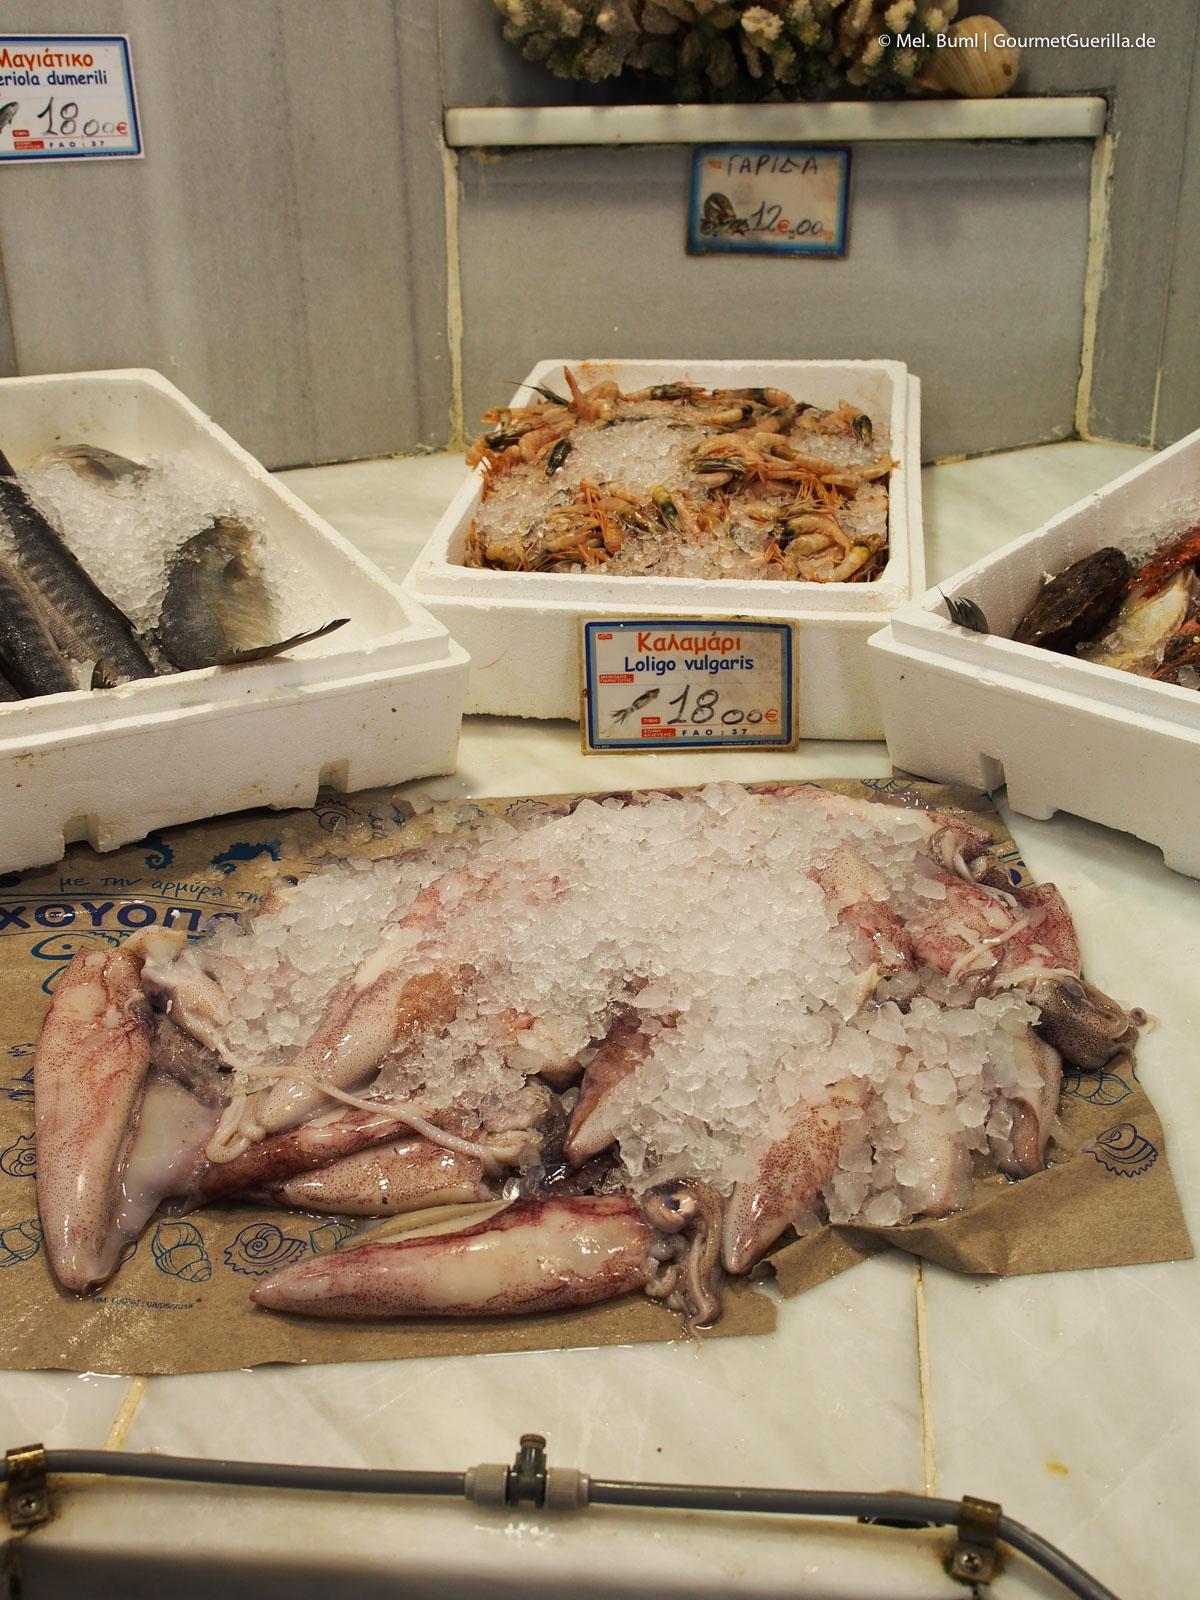 Frischer Fisch Hora Reisebericht Tinos Foodpath griechische Insel Kykladen Griechenland |GourmetGuerilla.de